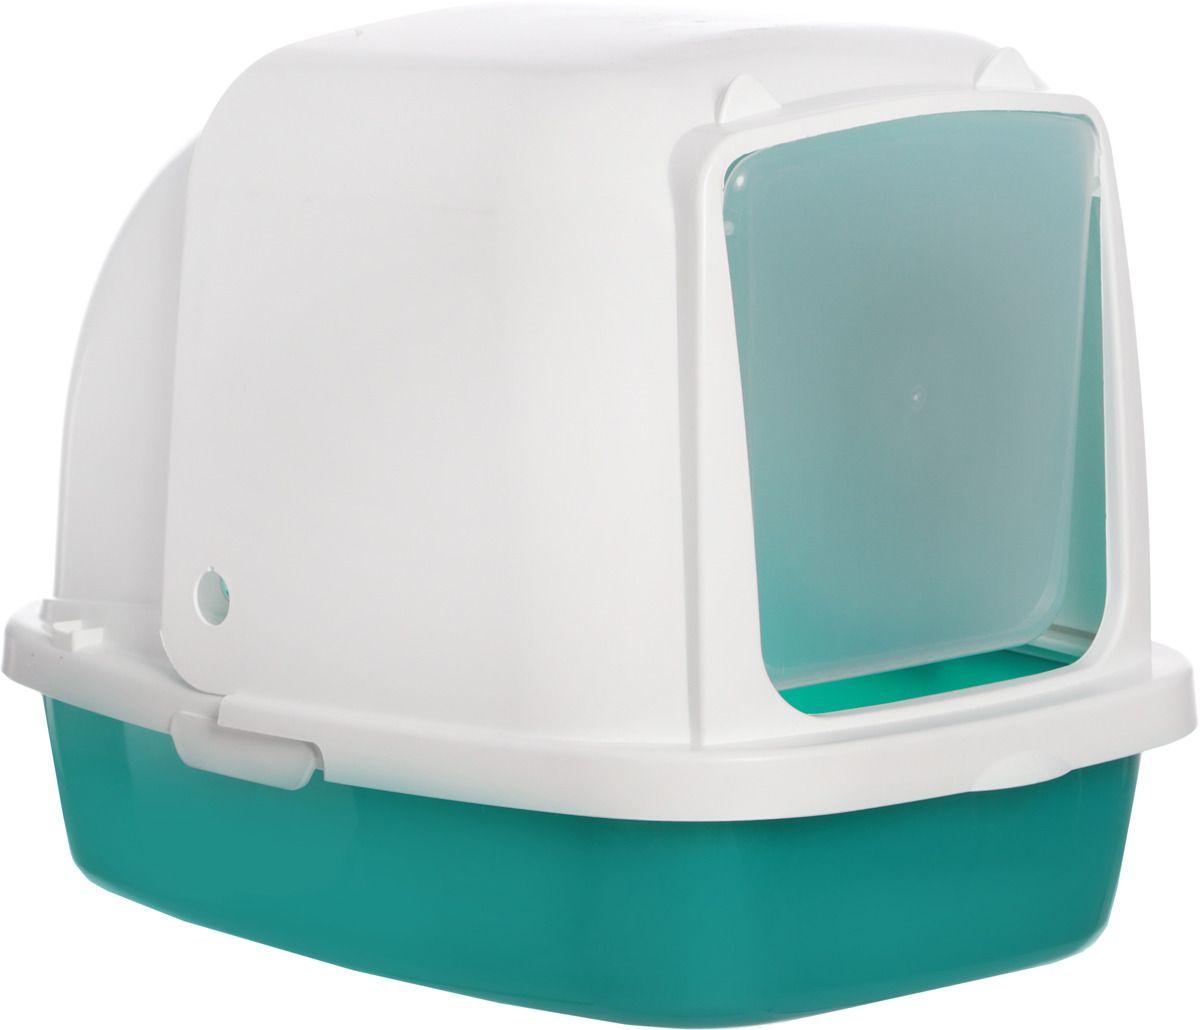 Туалет для кошек HOMECAT, прямоугольный, зеленый, белый,